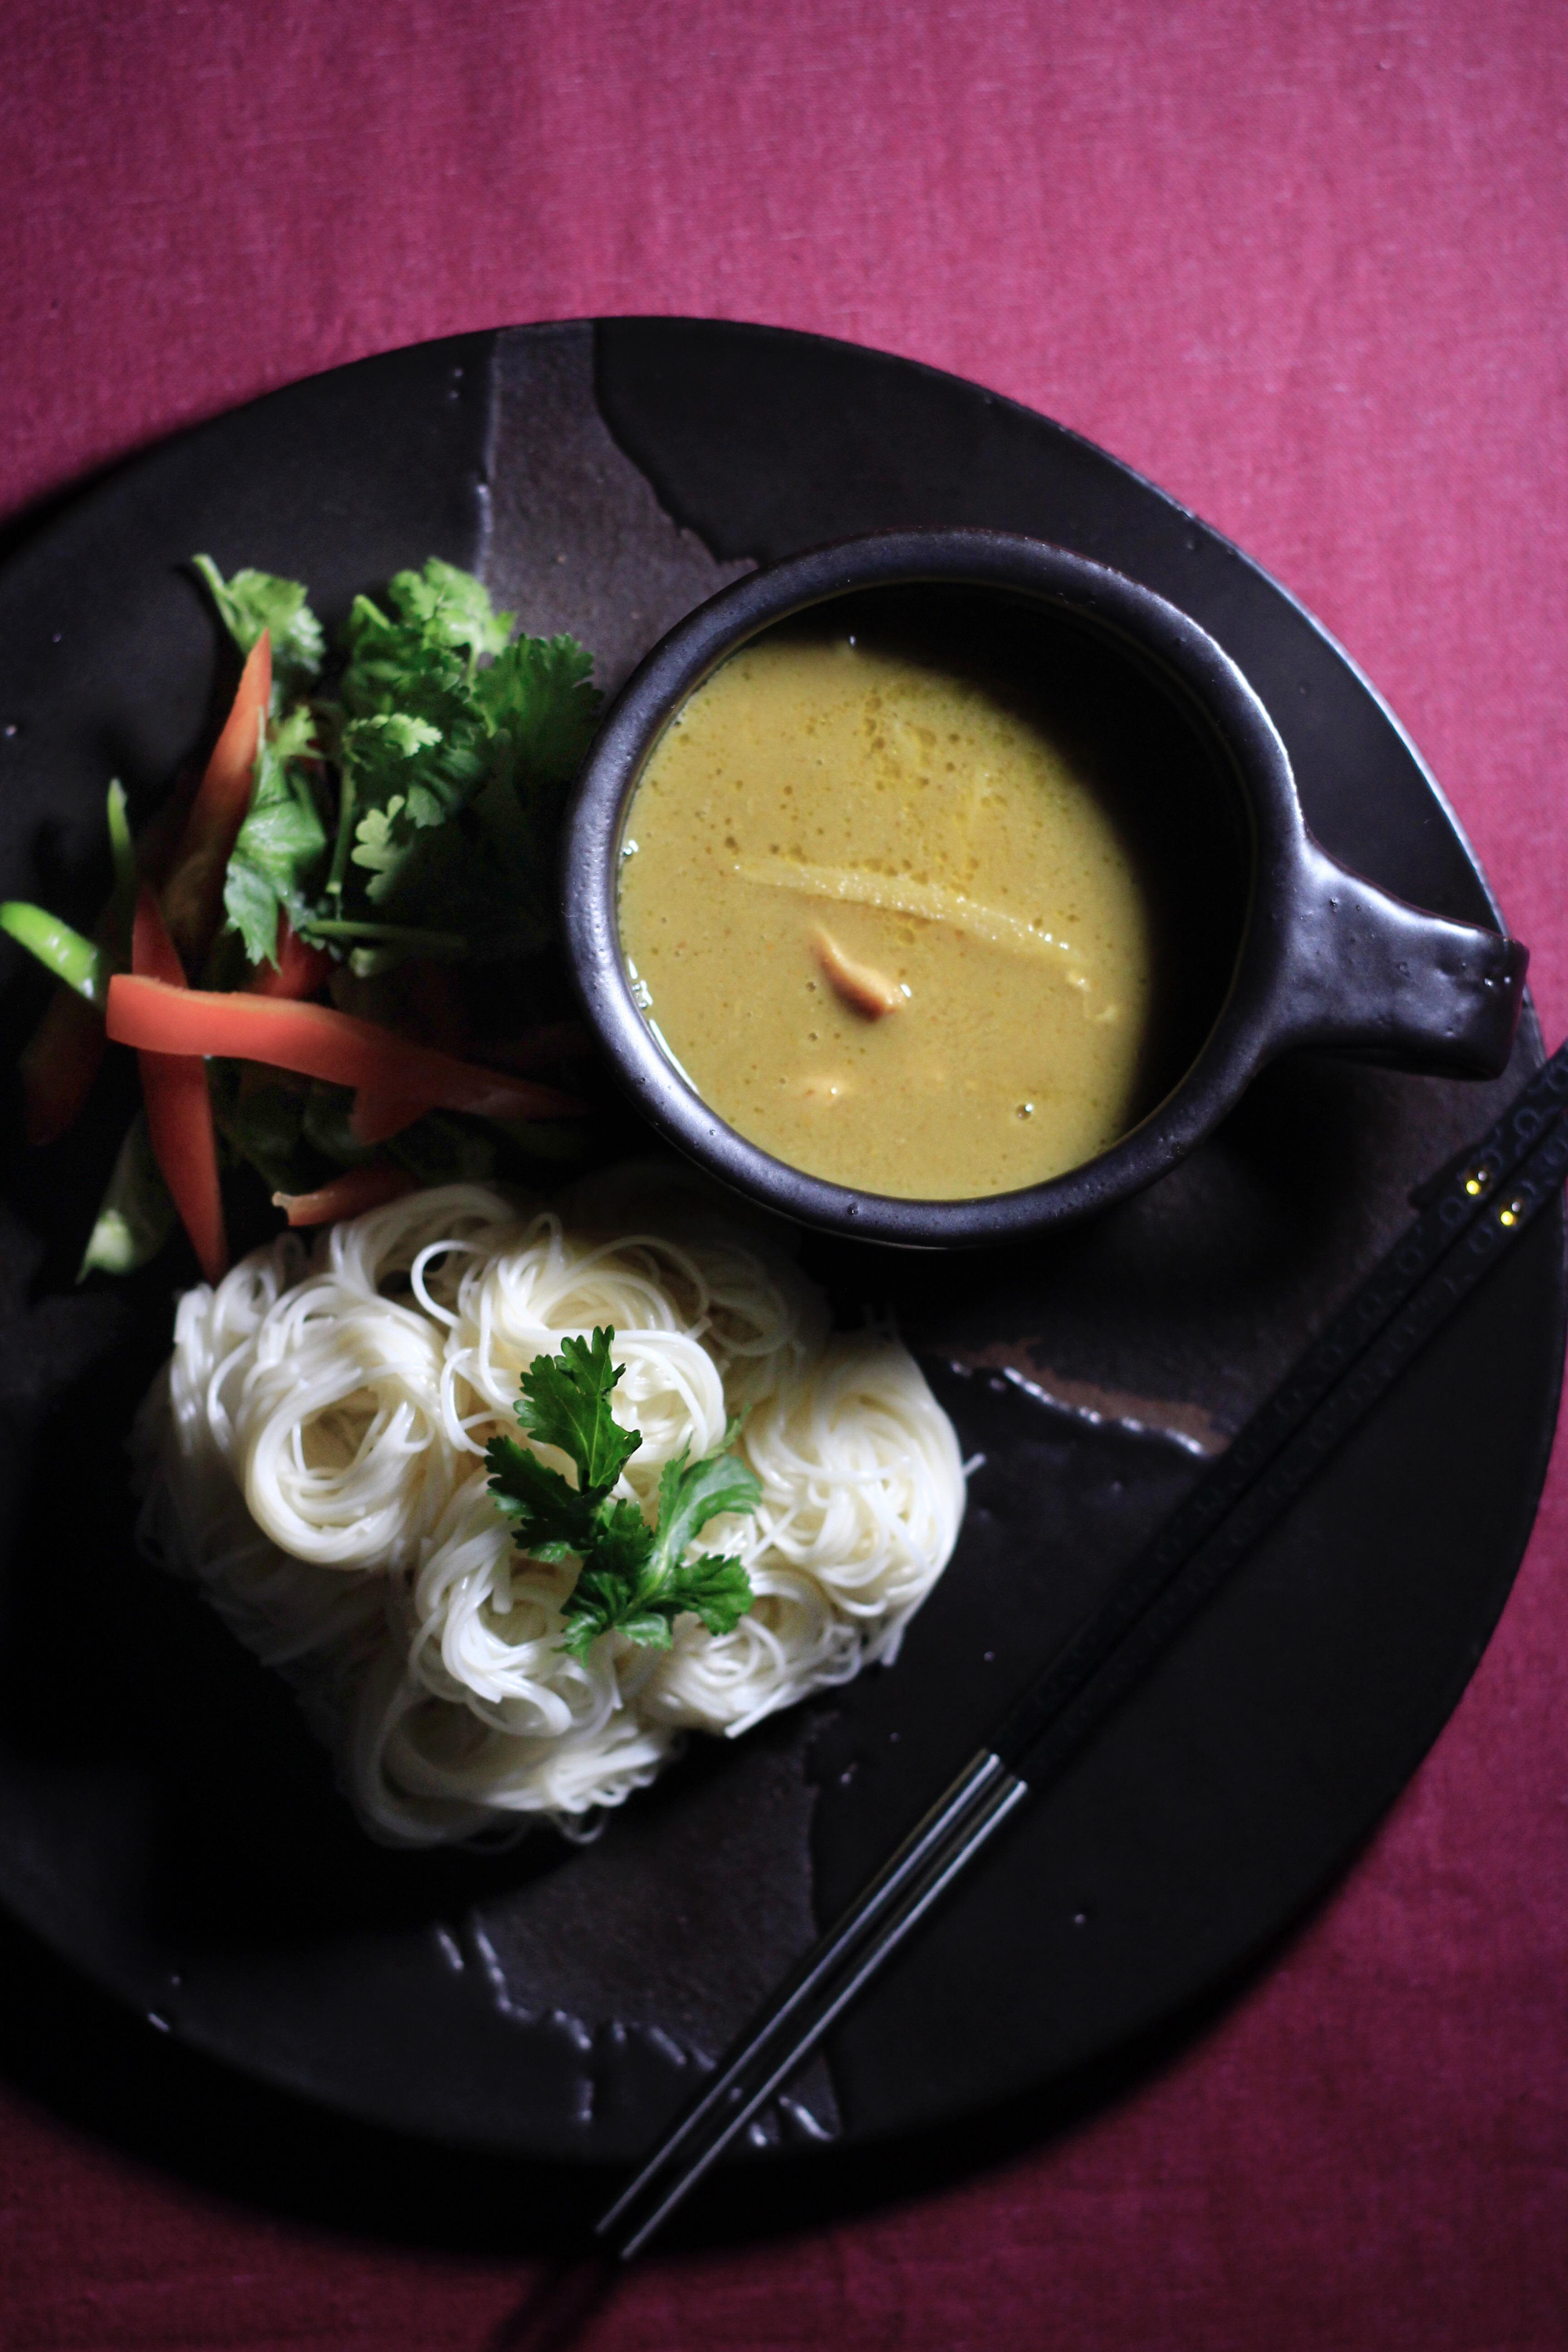 市販のレトルトグリーンカレーで素麺